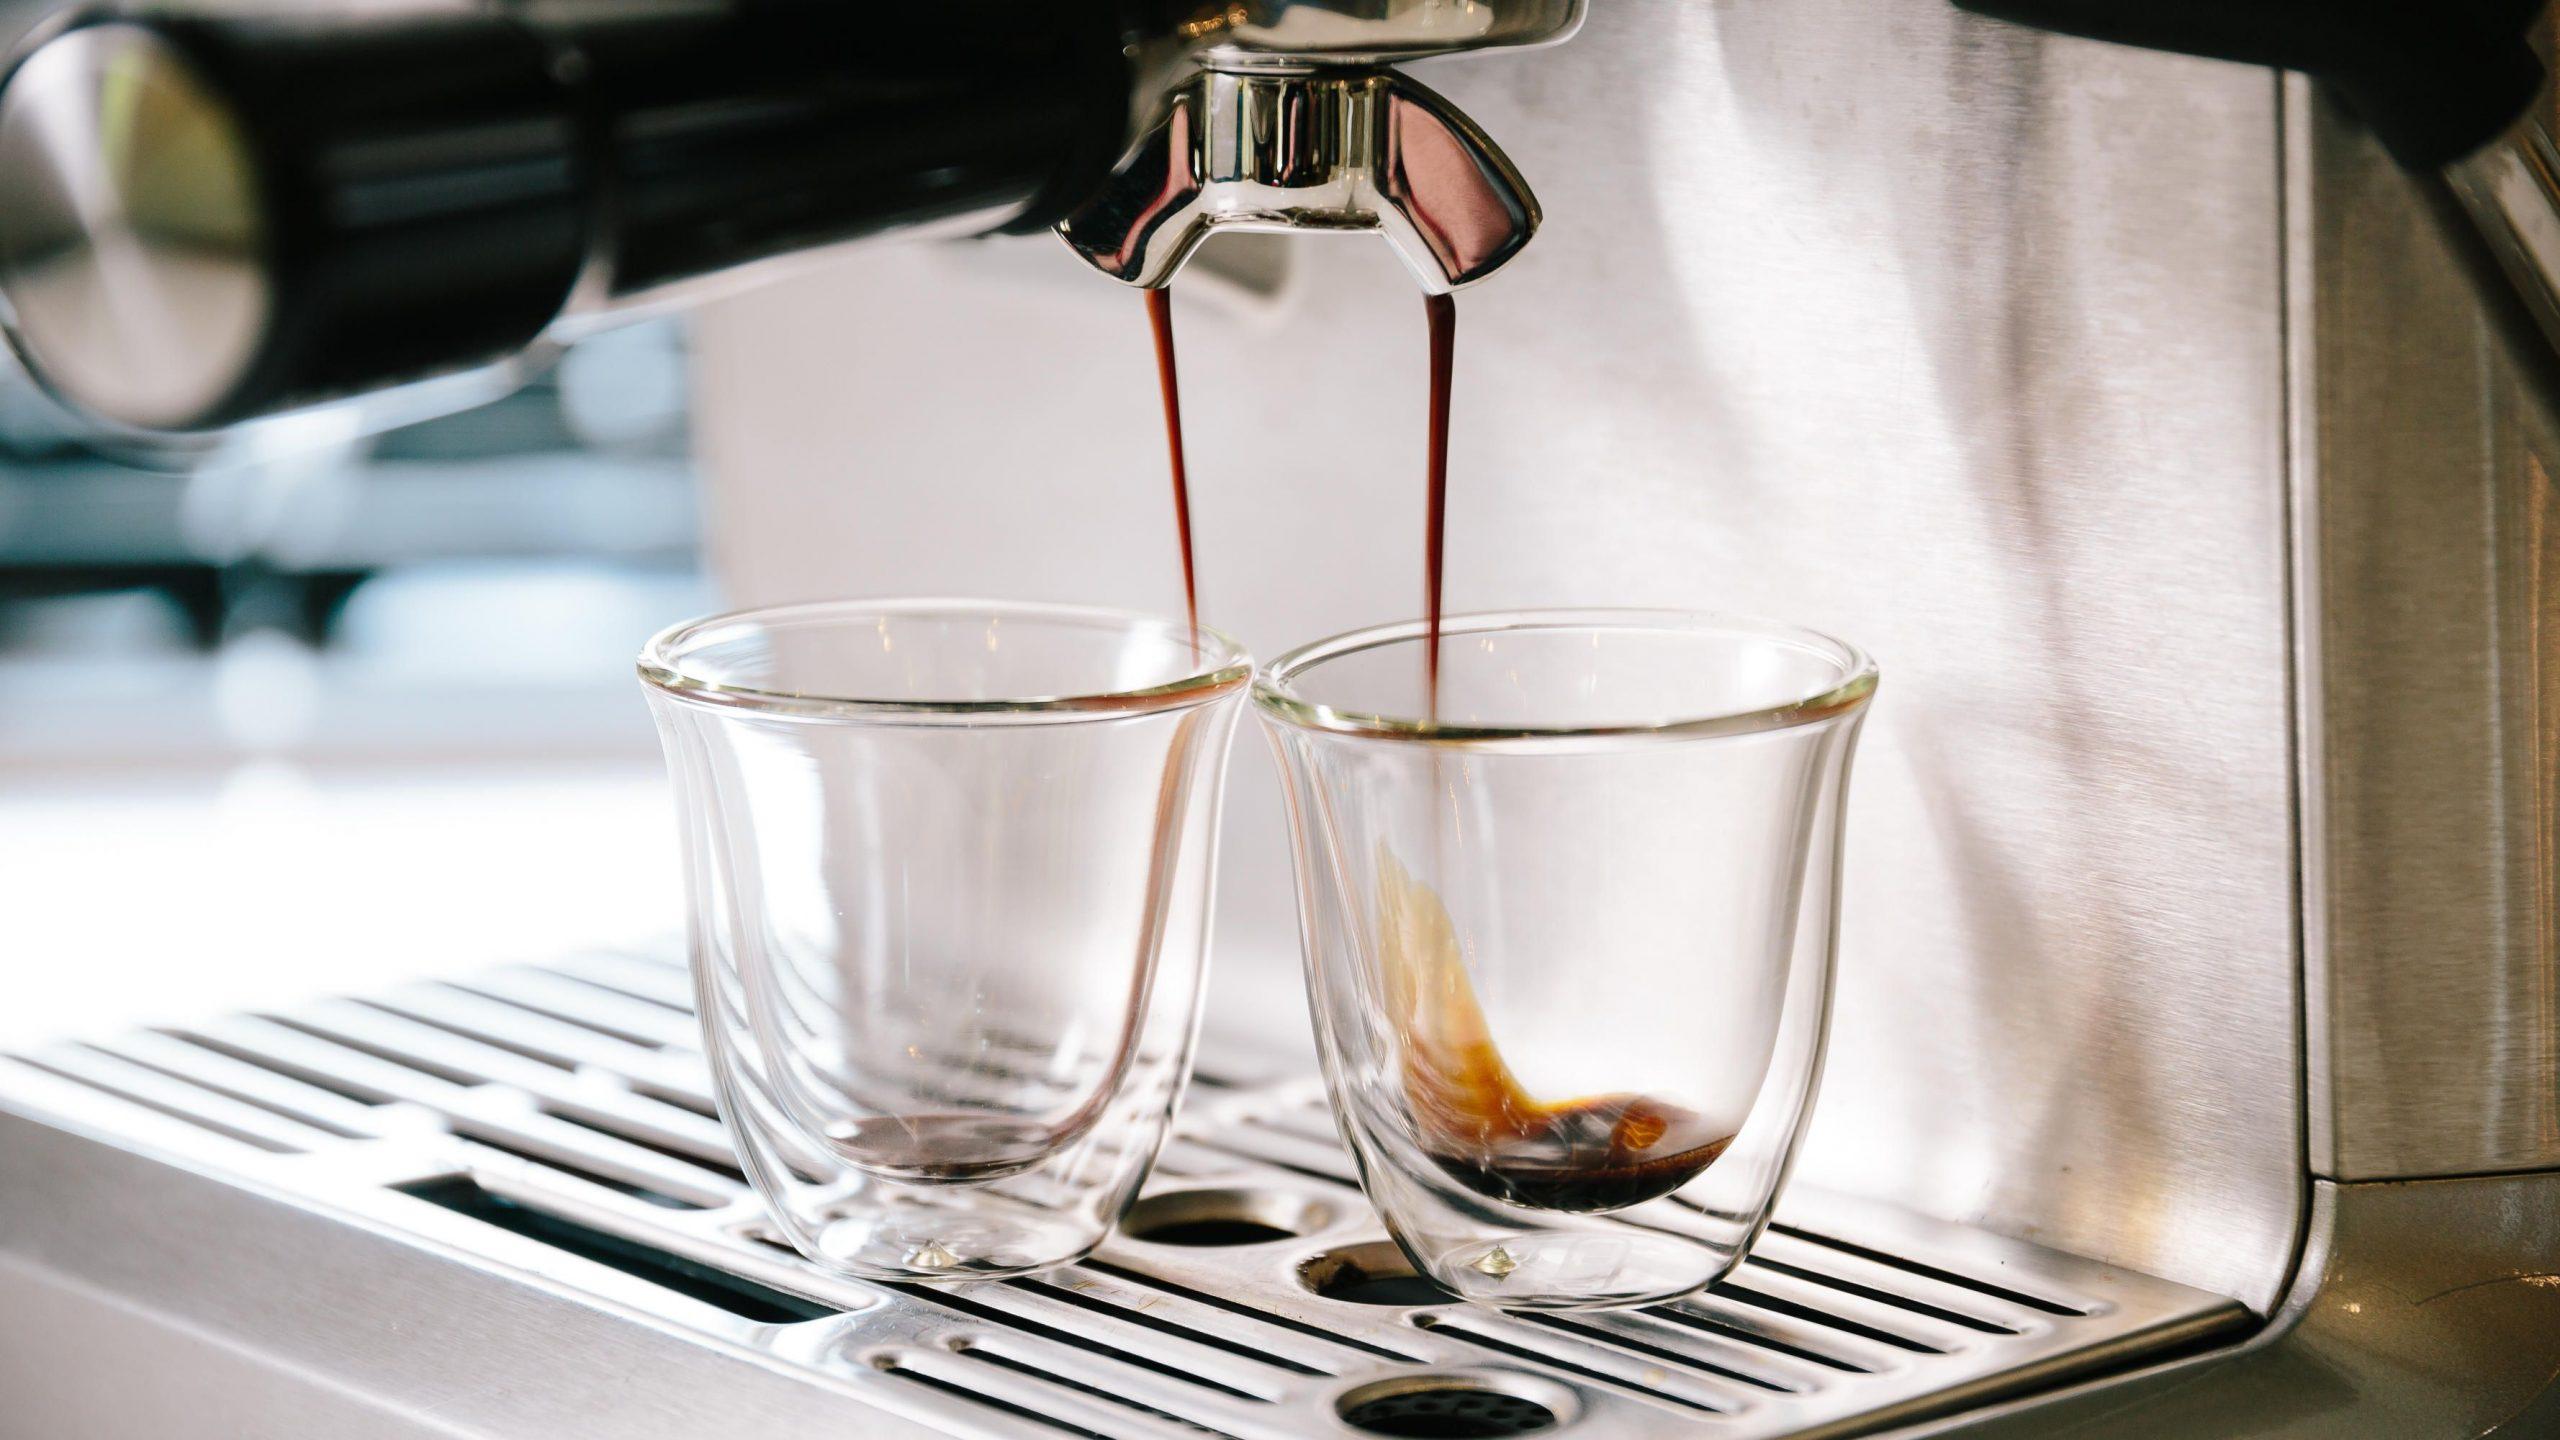 La mejor máquina de espresso para 2020: Mr. Coffee, Breville, Cuisinart y más